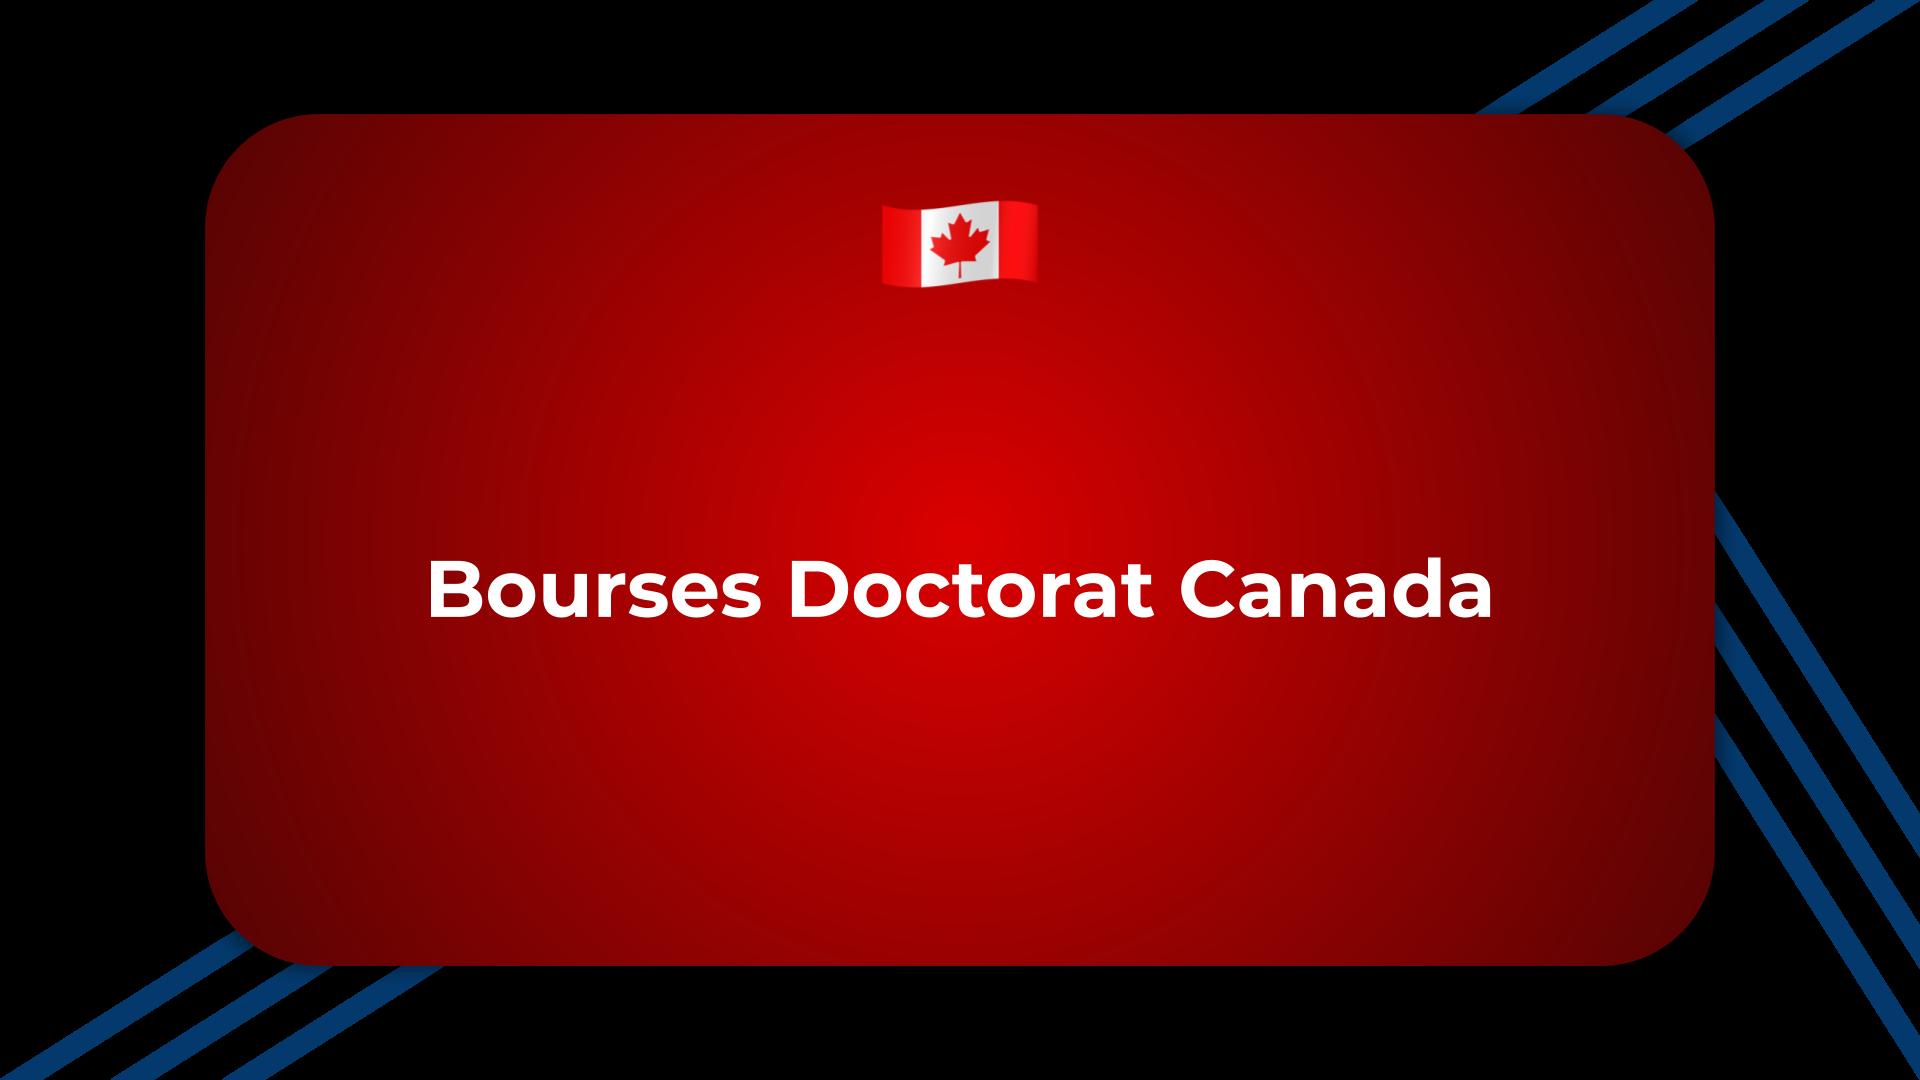 Bourses Doctorat Canada